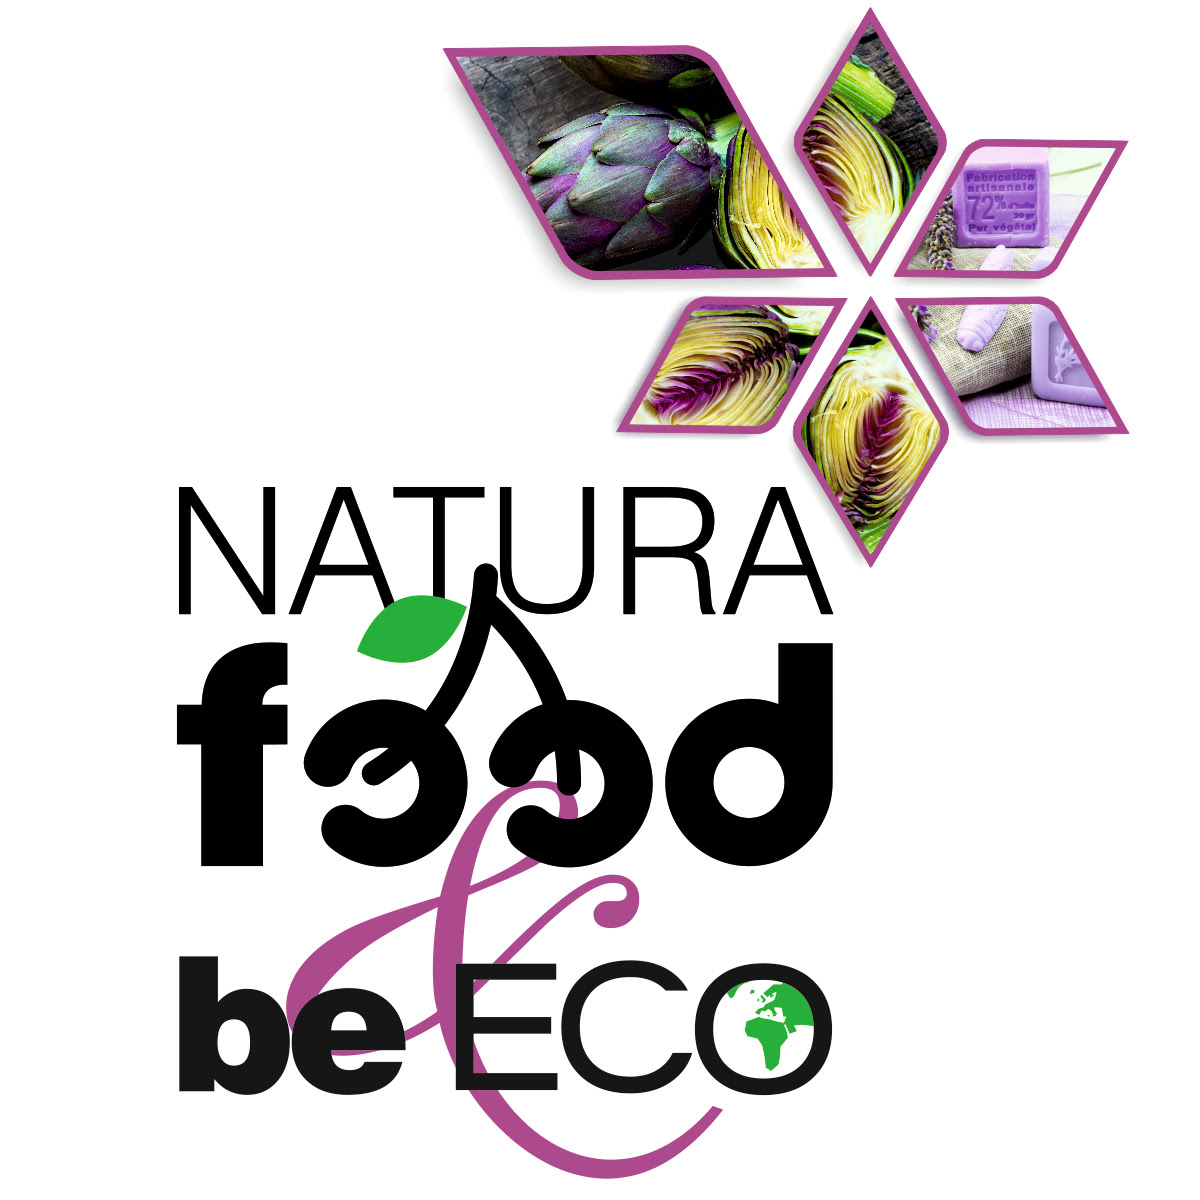 ATURA FOOD & beECO - Międzynarodowe Targi Żywności Ekologicznej i Naturalnej i Targi Ekologicznego Stylu Życia